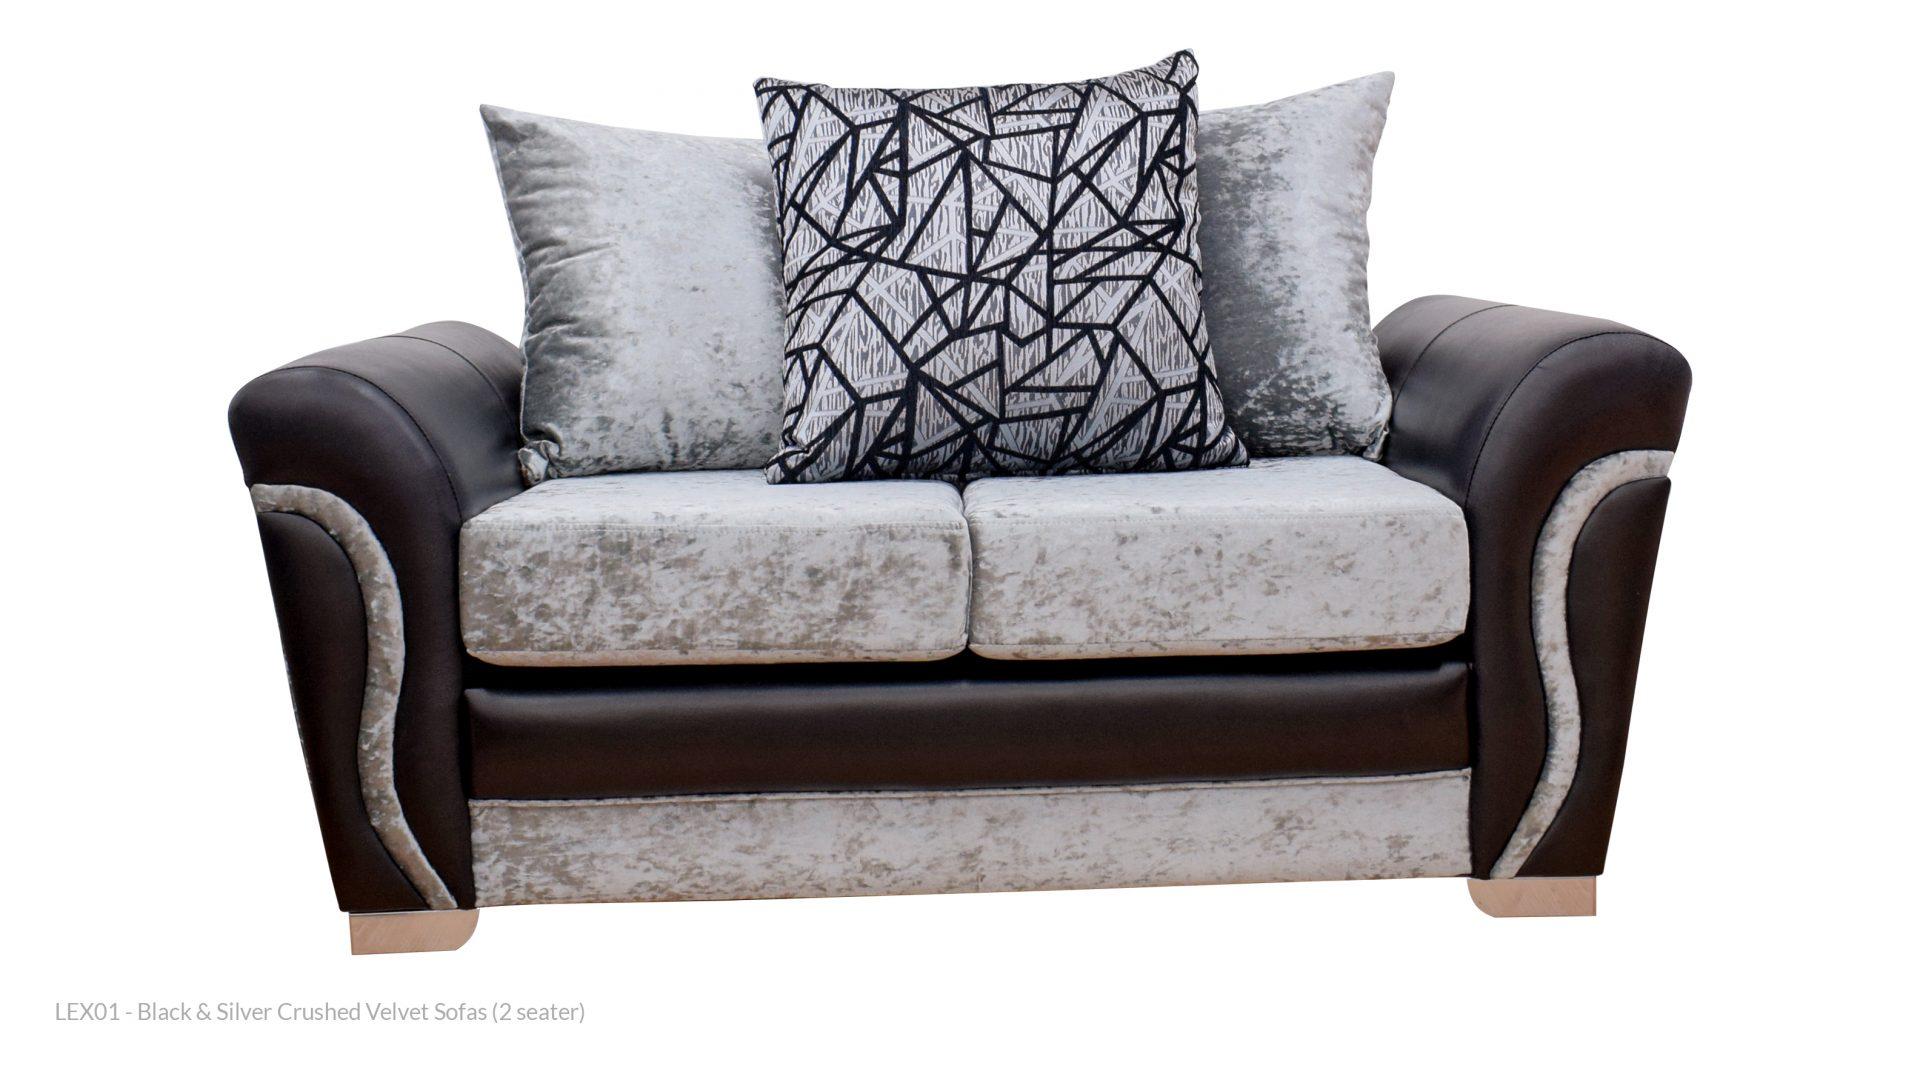 Crushed Velvet Sofas Rental Goods